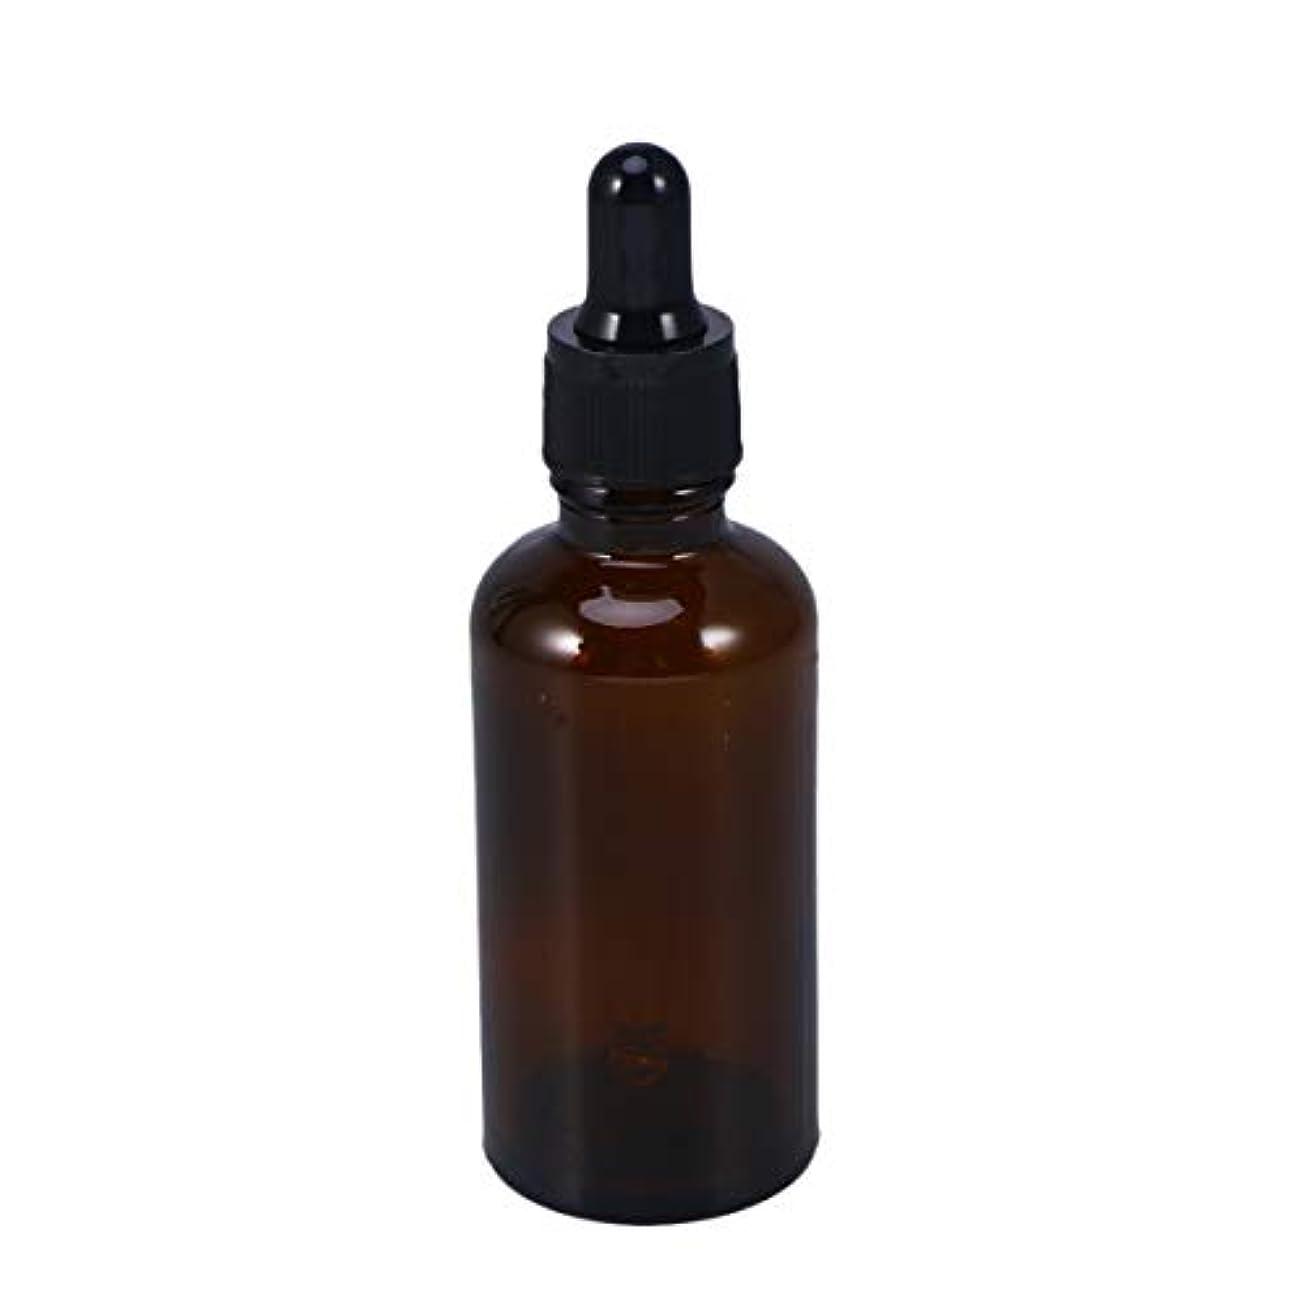 物理トピック敬なFrcolor 遮光瓶 スポイト遮光瓶 50ml スポイト付き アロマボトル ガラス 茶色 香水 保存用 詰替え エッセンシャルオイル 保存容器 2本セット